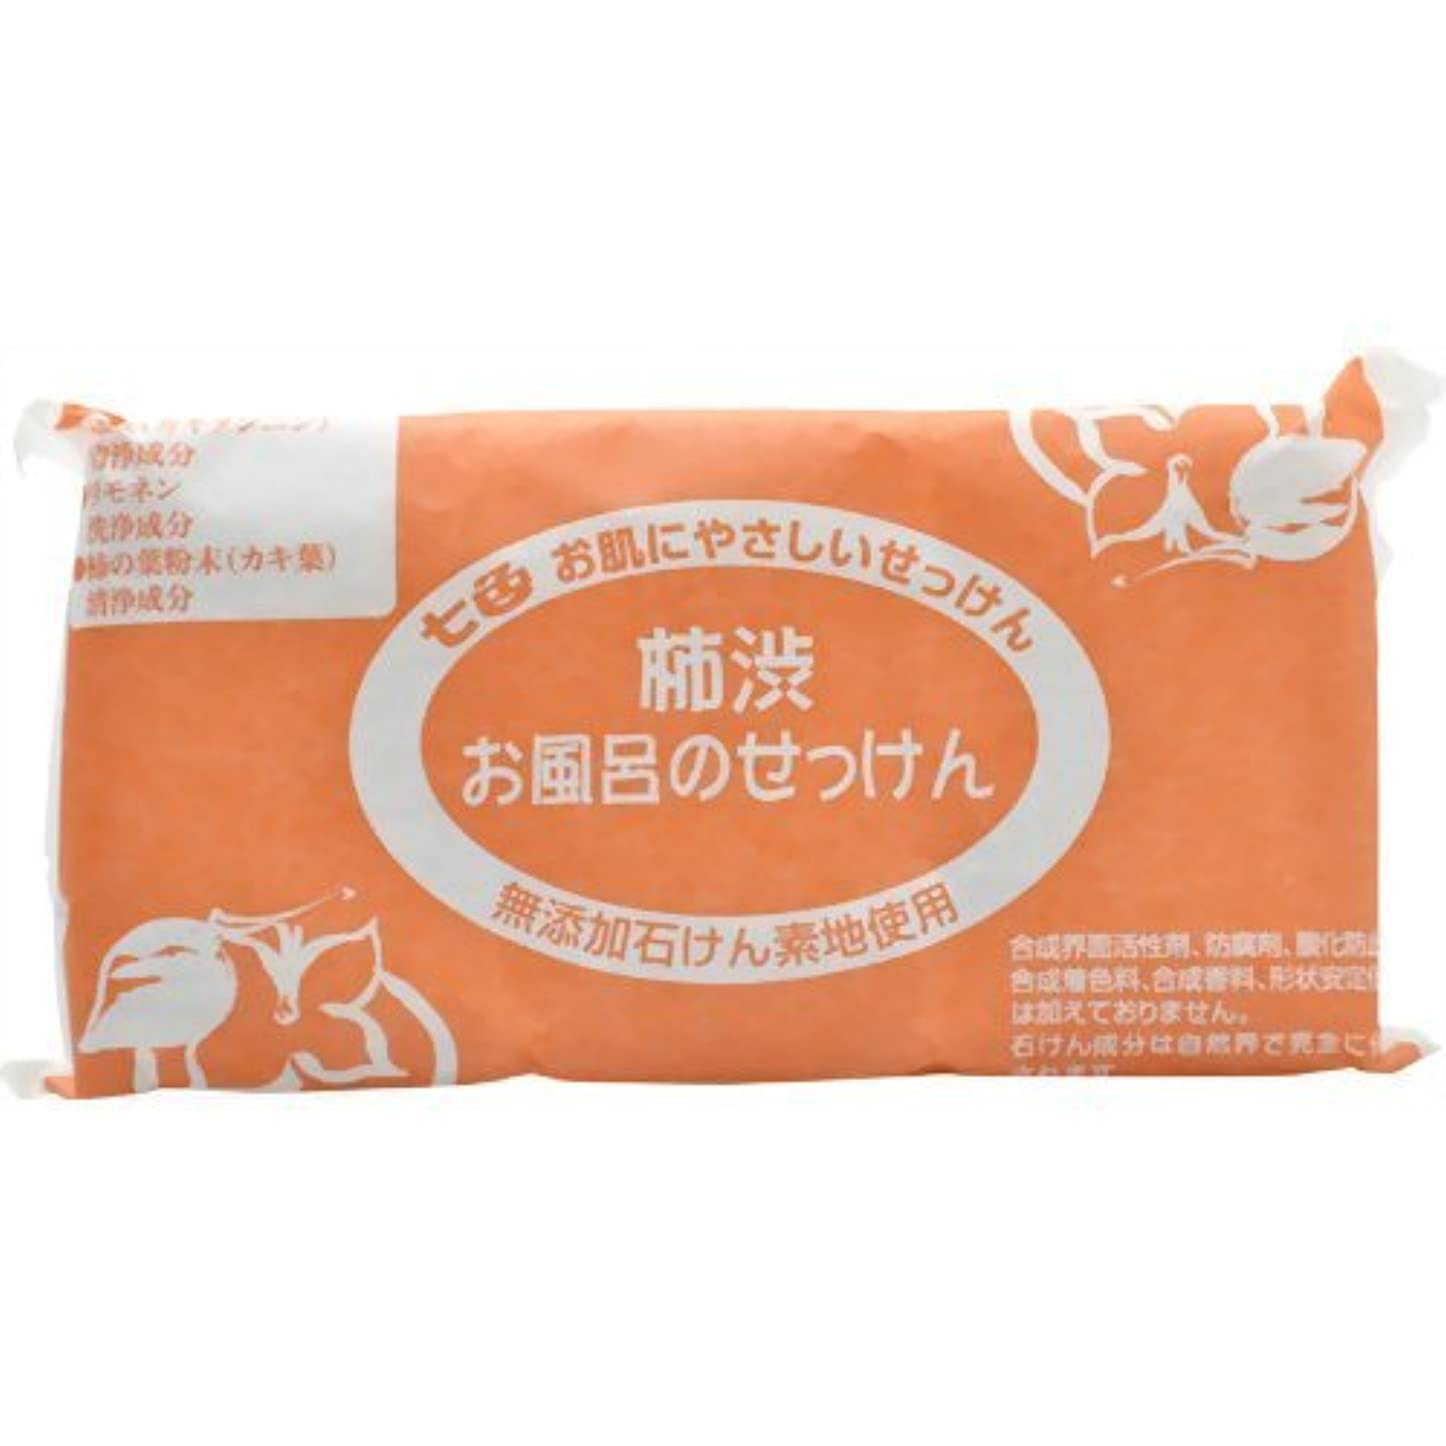 君主宣教師こする七色 お風呂のせっけん 柿渋(無添加石鹸) 100g×3個入